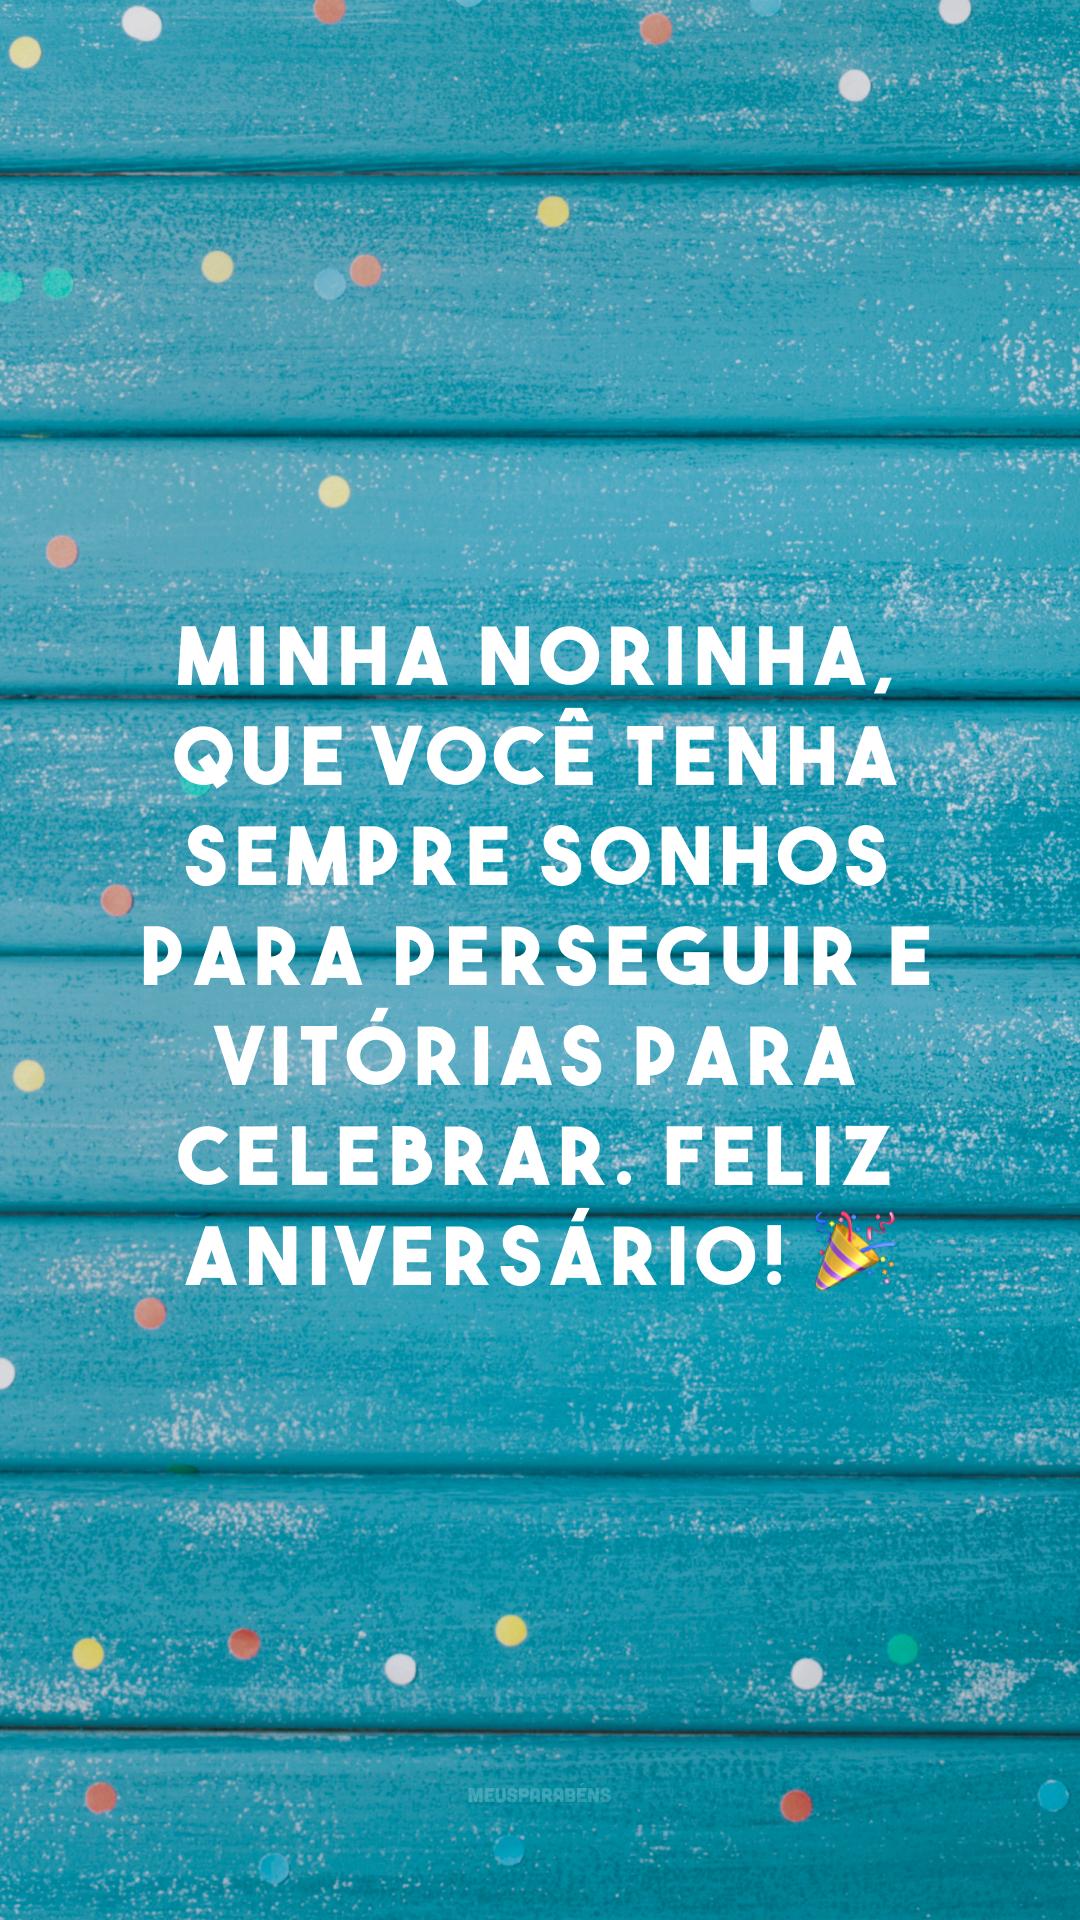 Minha norinha, que você tenha sempre sonhos para perseguir e vitórias para celebrar. Feliz aniversário! ?